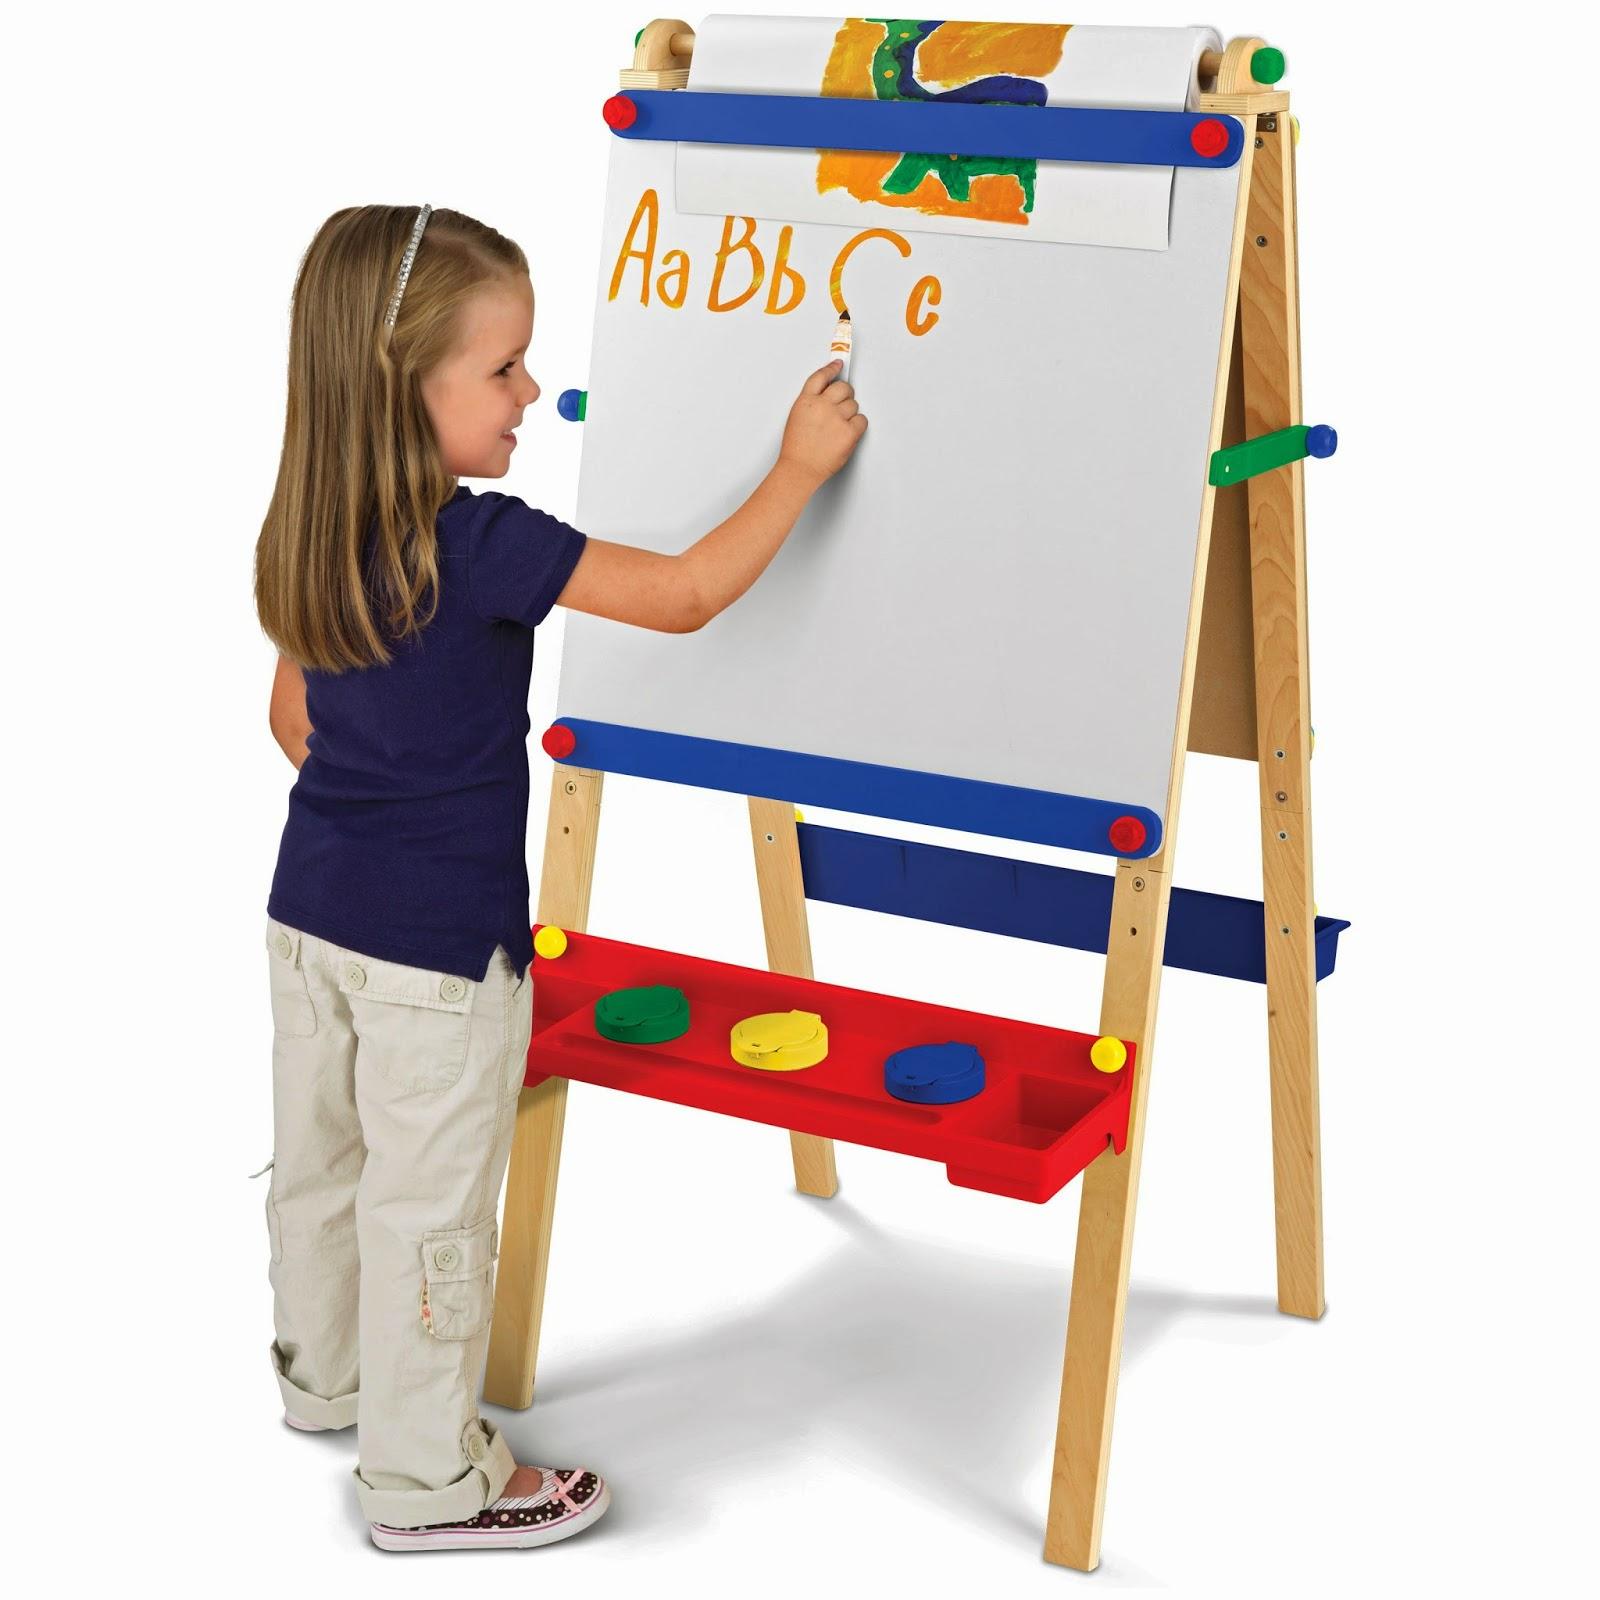 Chọn đồ chơi phù hợp cho bé | Phát Triển Kỹ Năng Cho Trẻ Em thông qua Đồ  Chơi